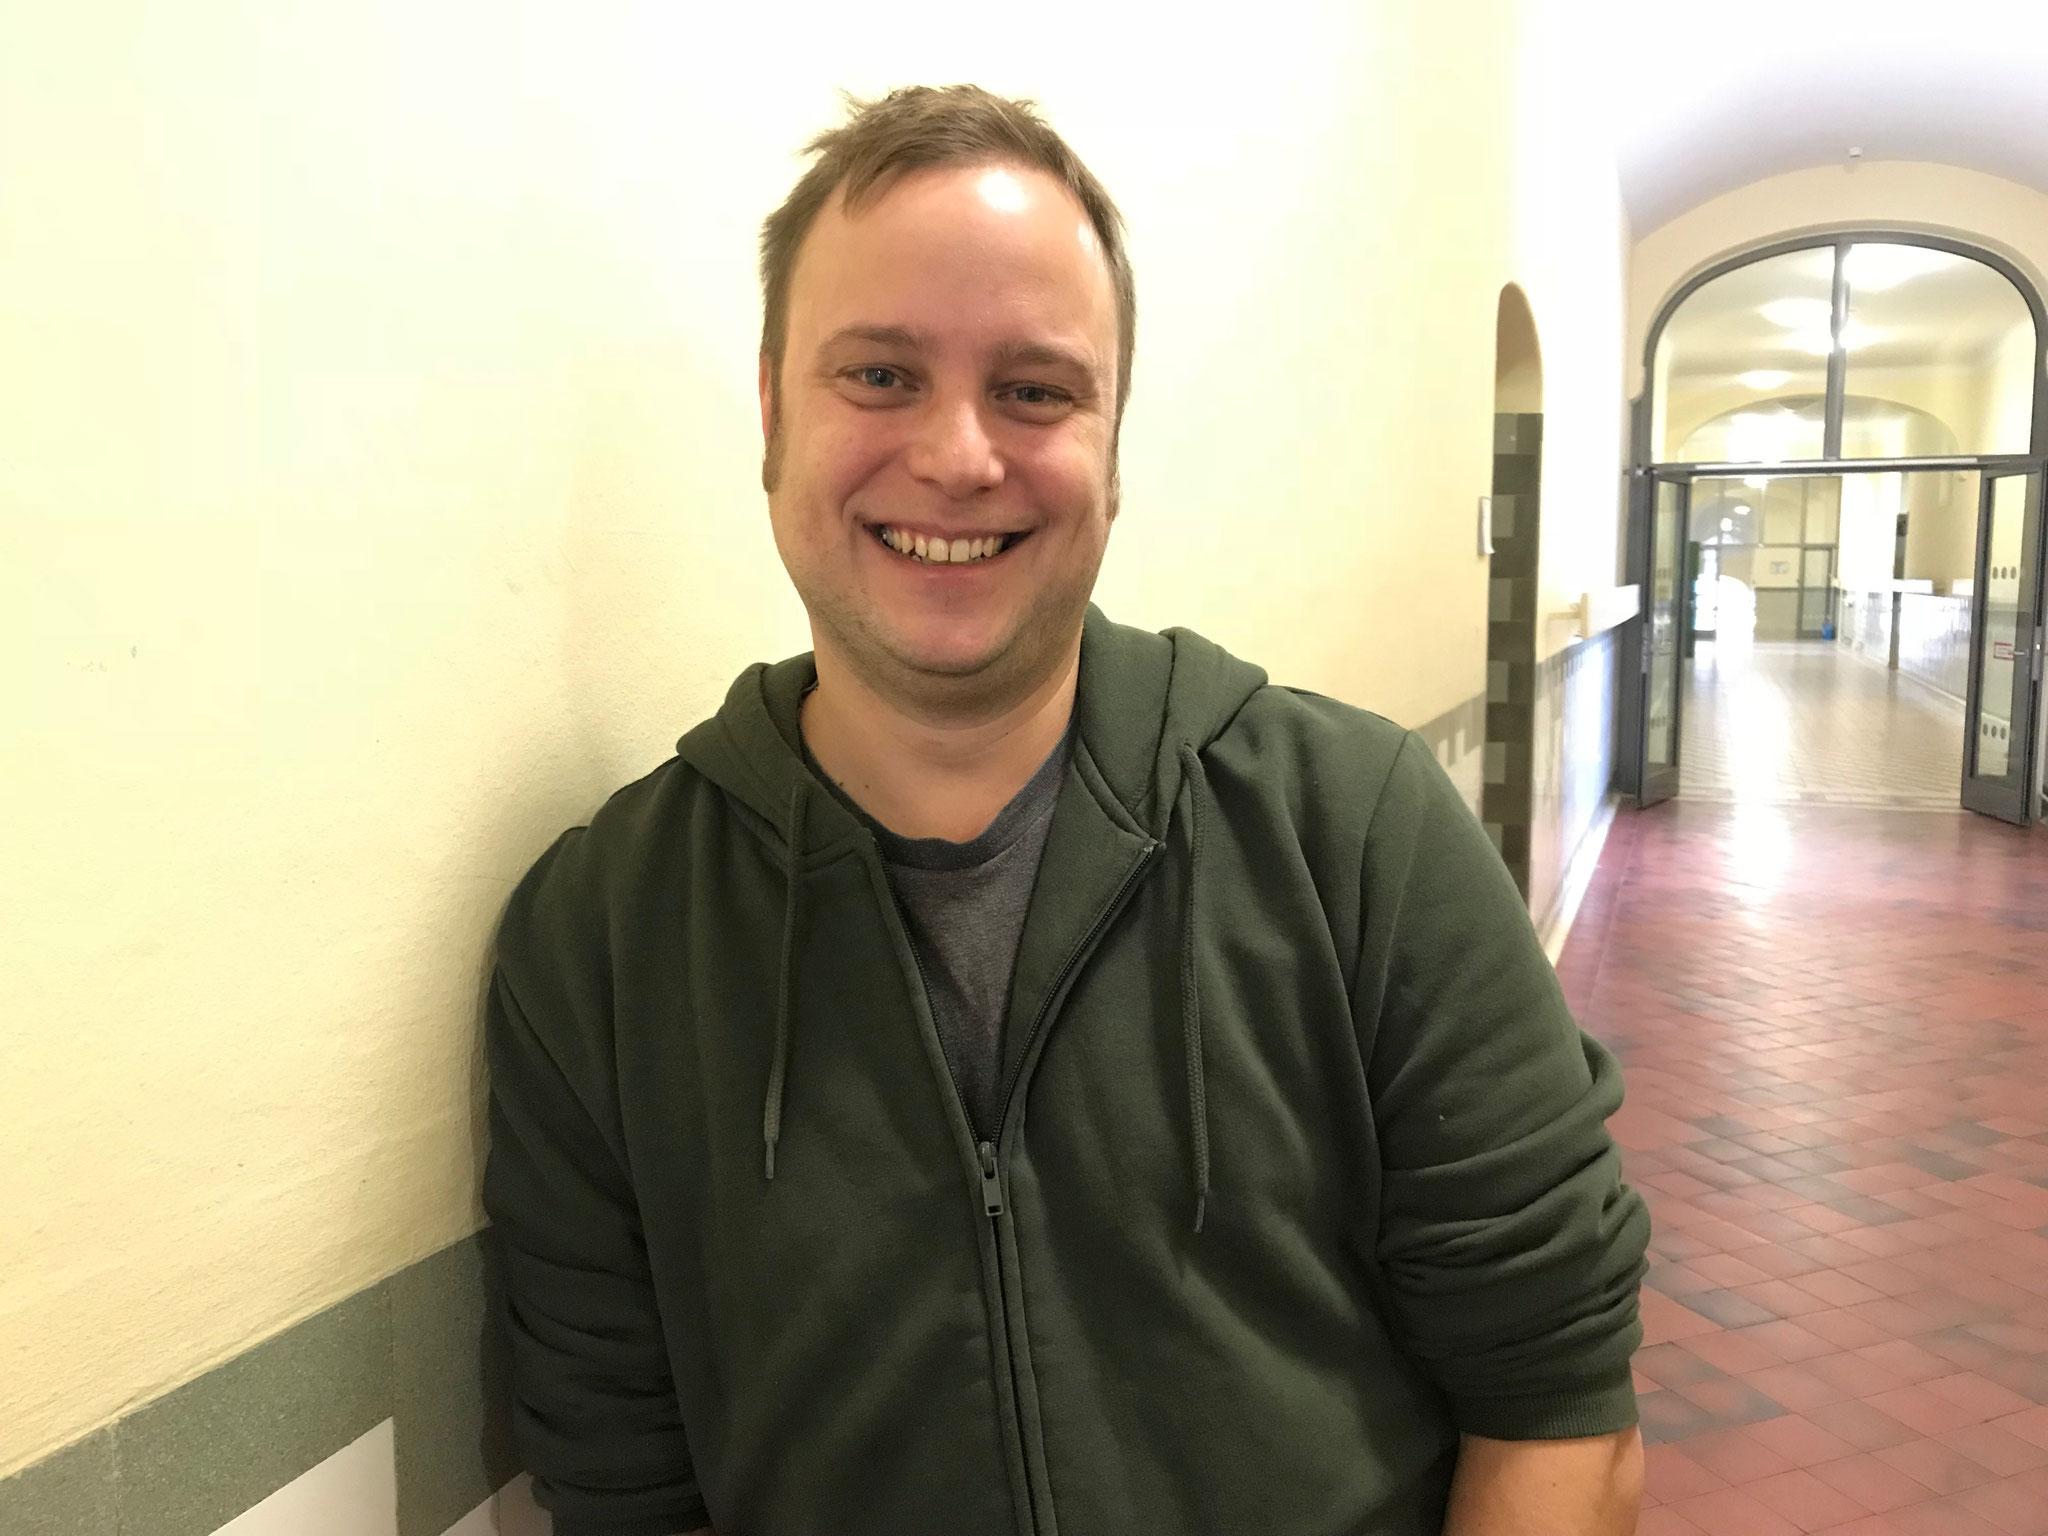 Keine Tütensuppen, kein Soßenpulver: Thomas Grill aus Nürnberg ist Verfechter der ehrlichen Küche.